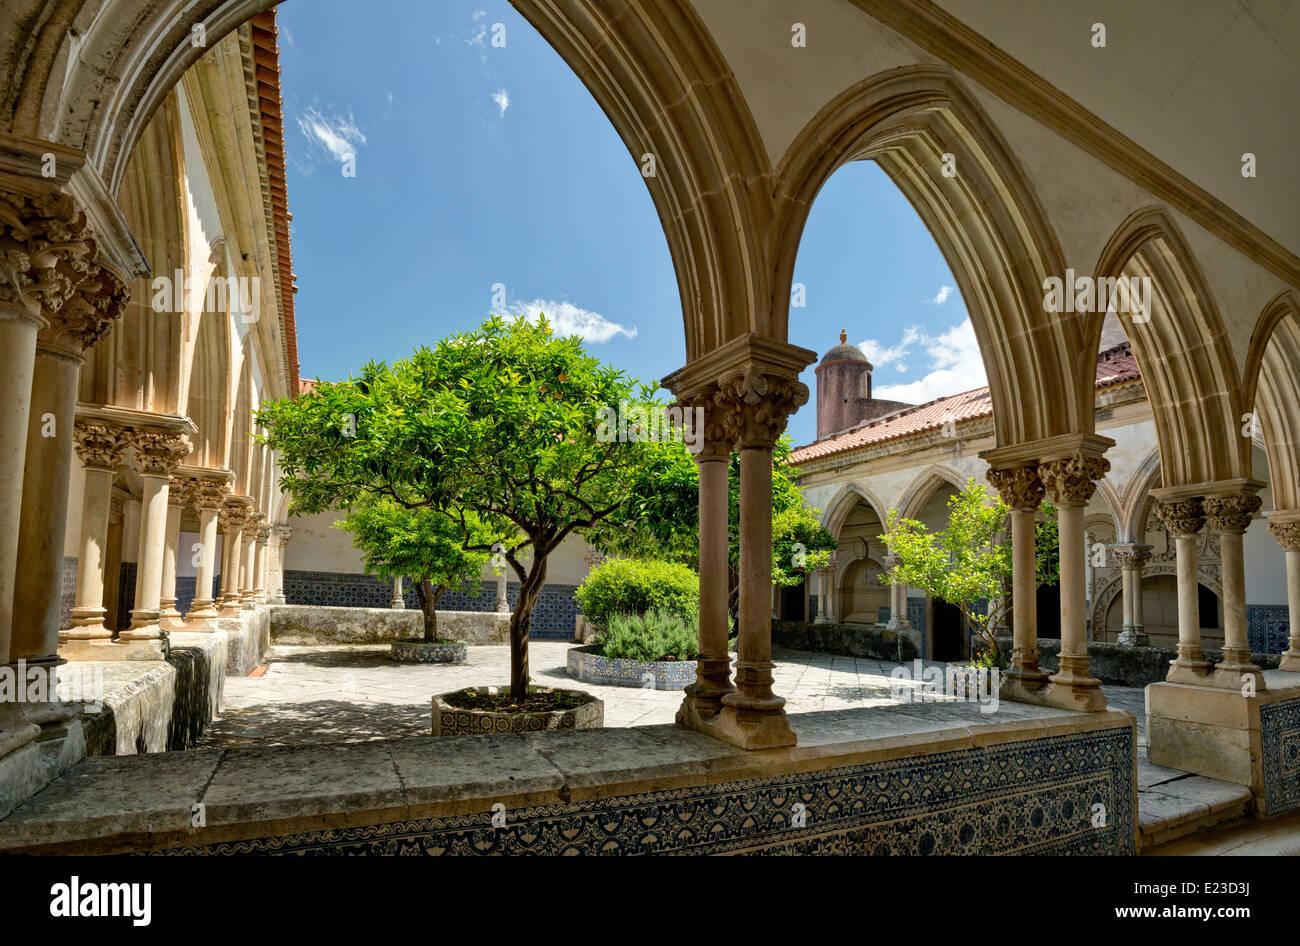 Central Portugal, the Ribatejo, Tomar, cloister in the Convento de Cristo convent - Stock Image